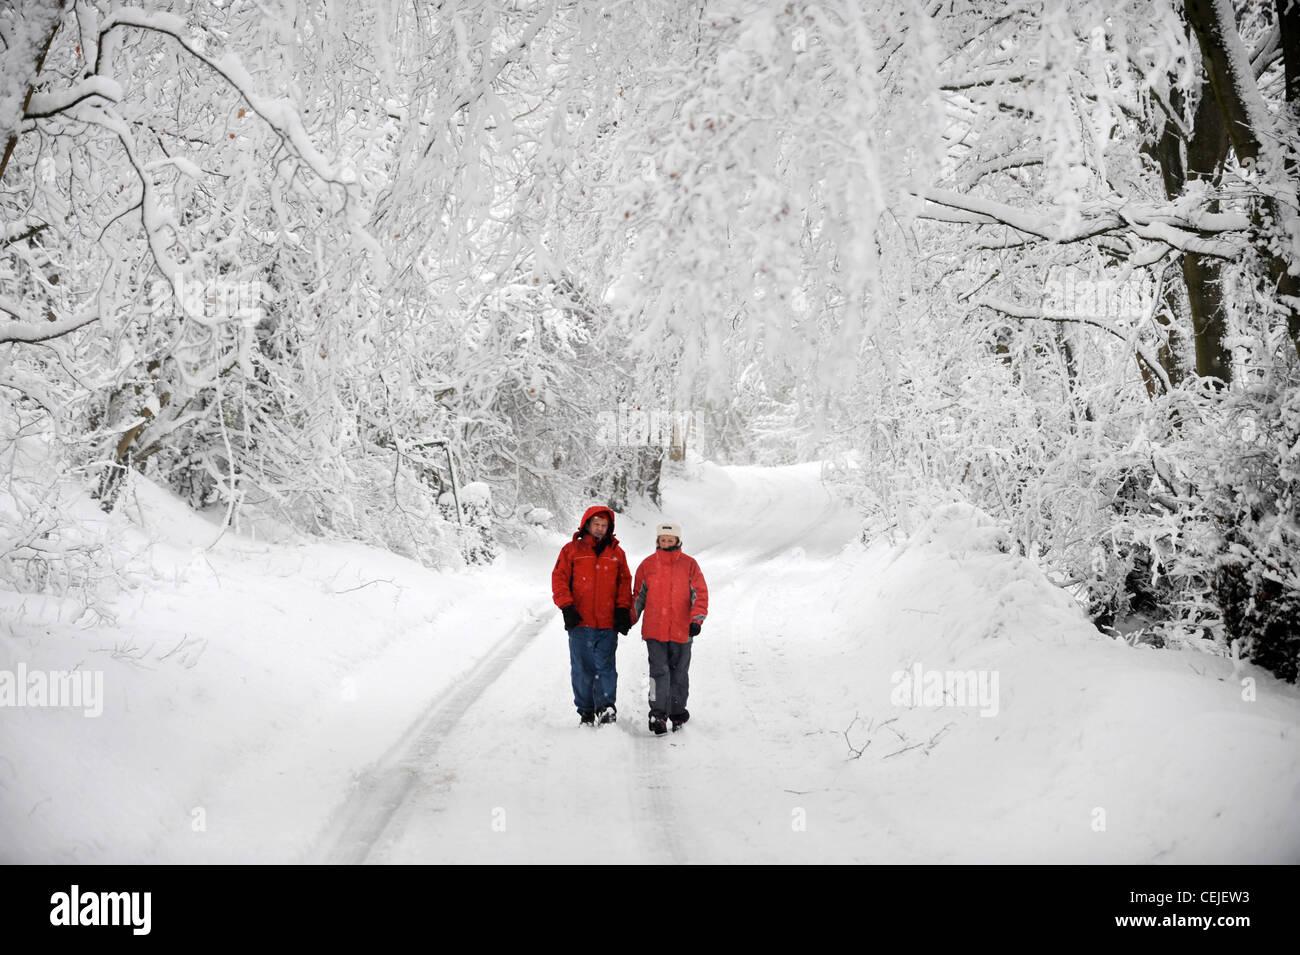 Un paio di matching red cappotti invernali a camminare in una corsia di Cotswold in condizioni nevoso REGNO UNITO Immagini Stock